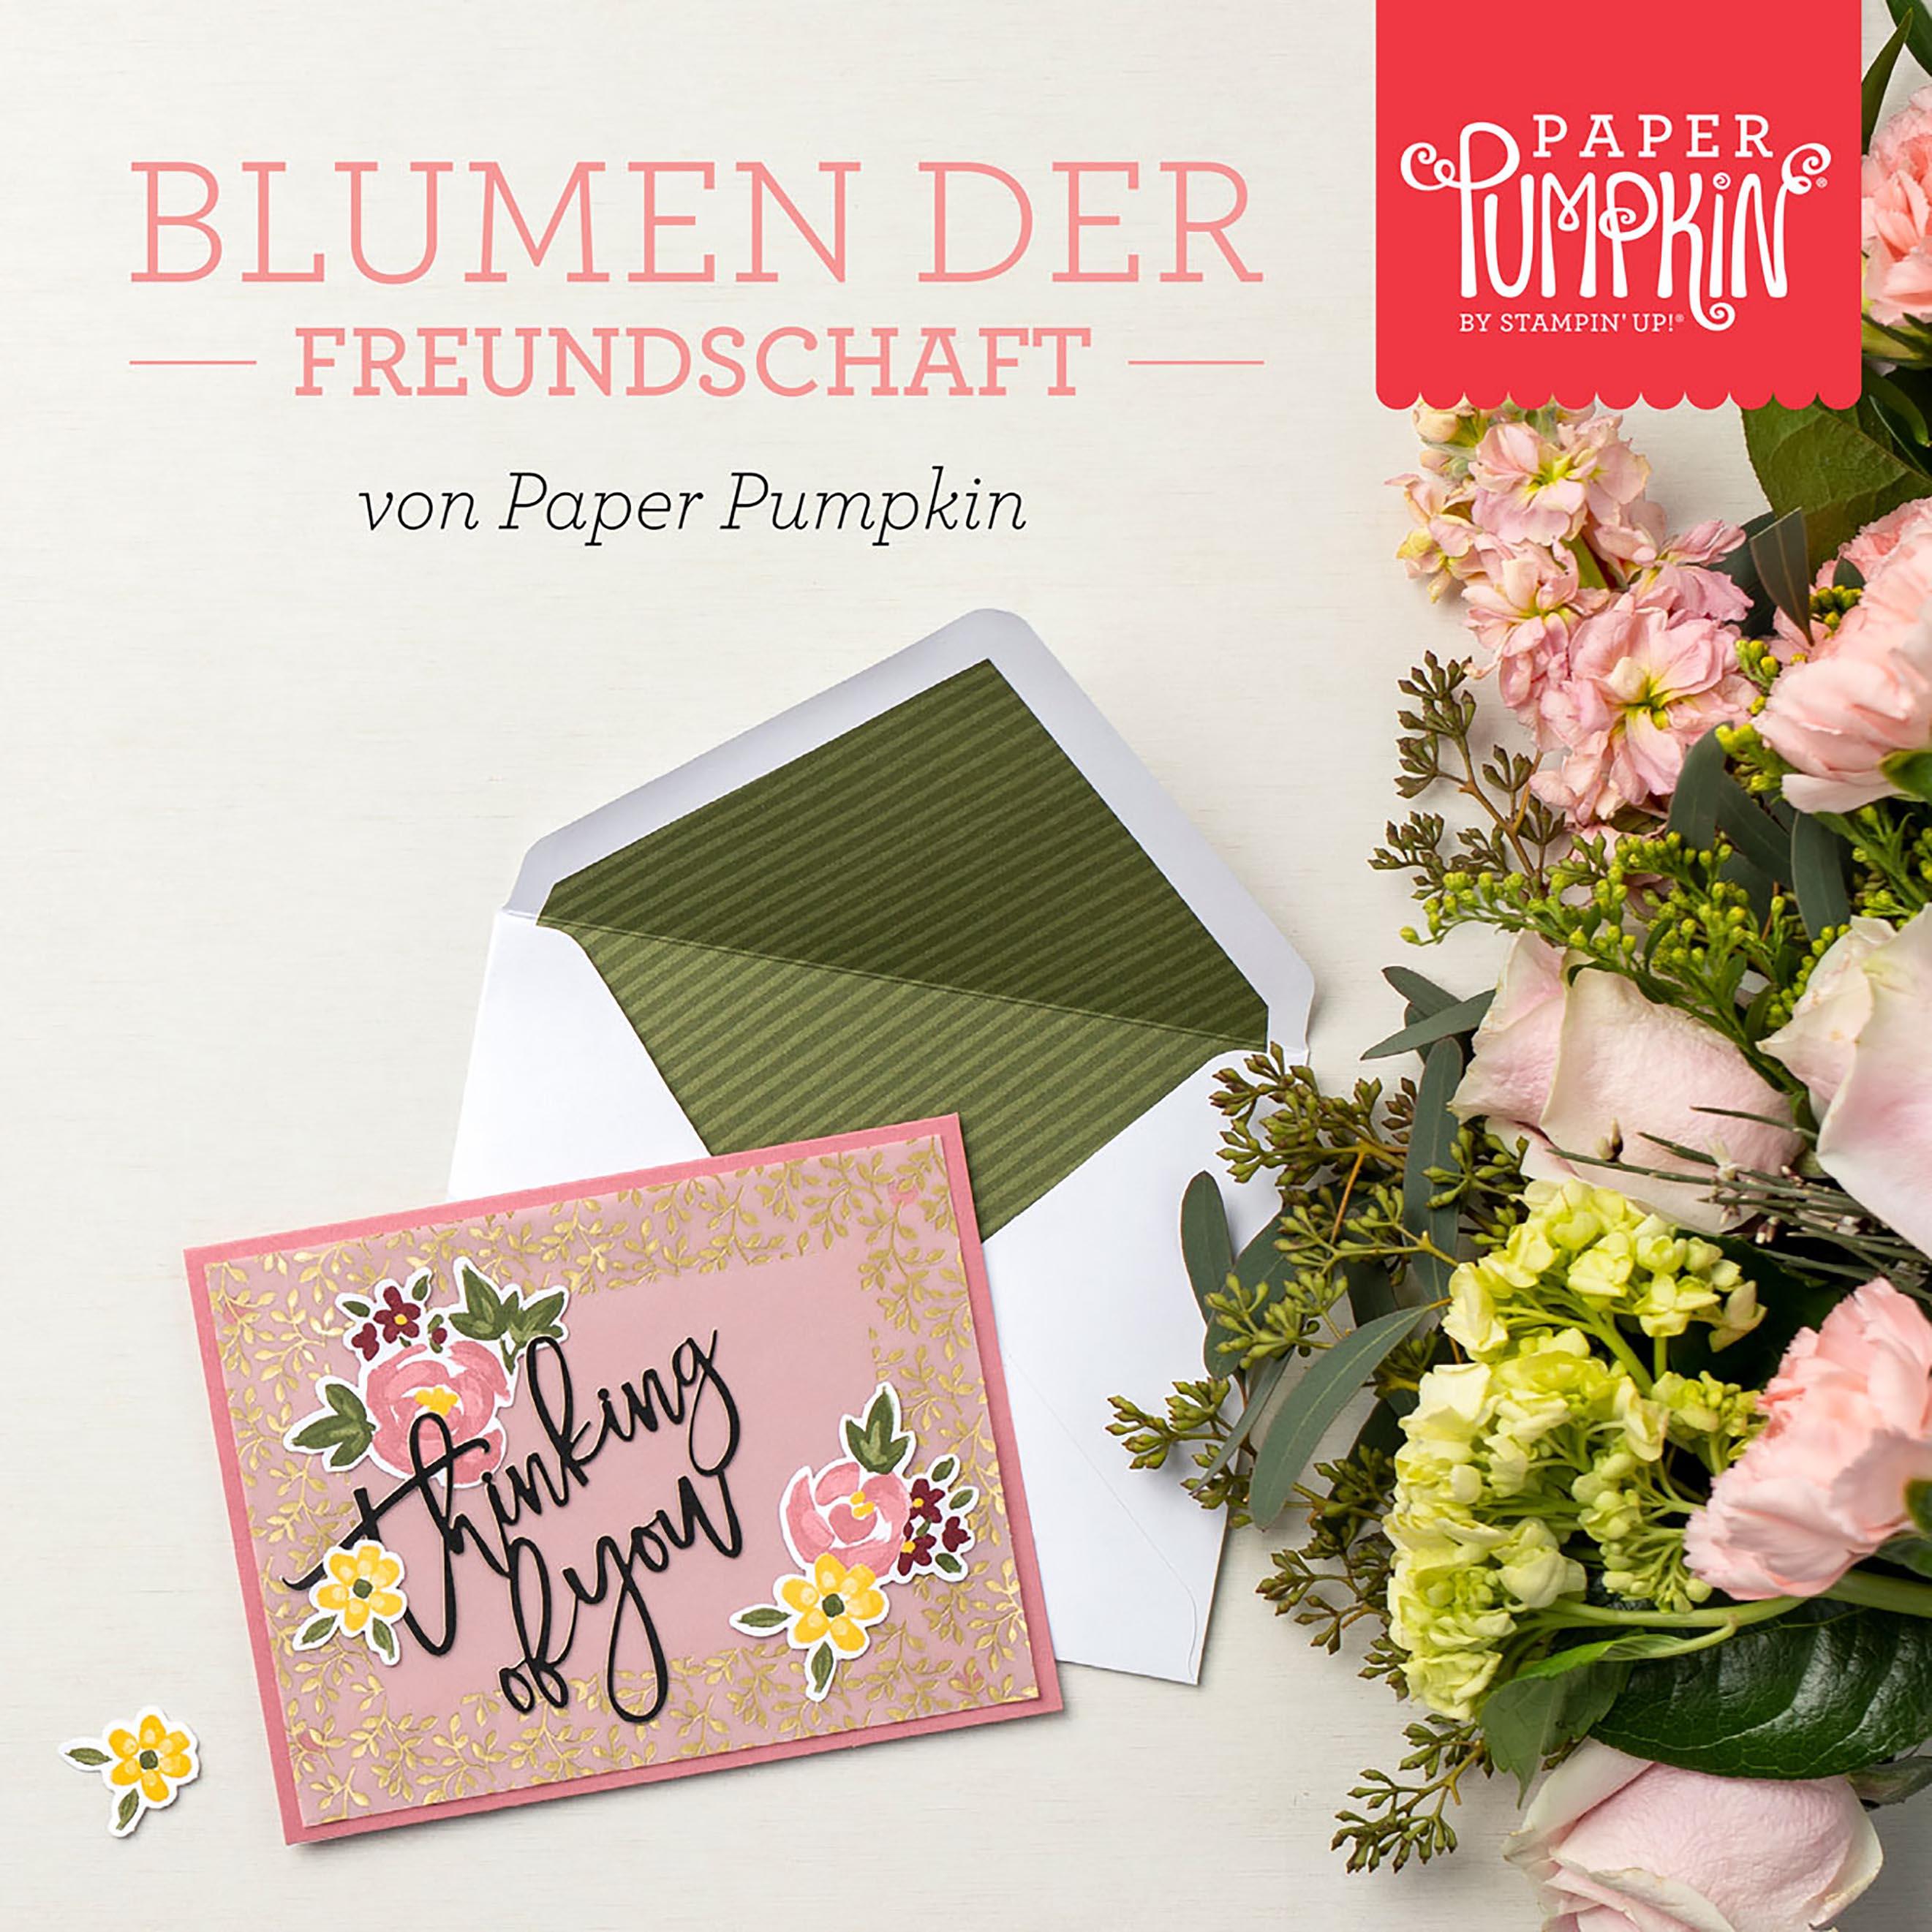 Stampin-Up_Blumen-der-Freundschaft_SQ